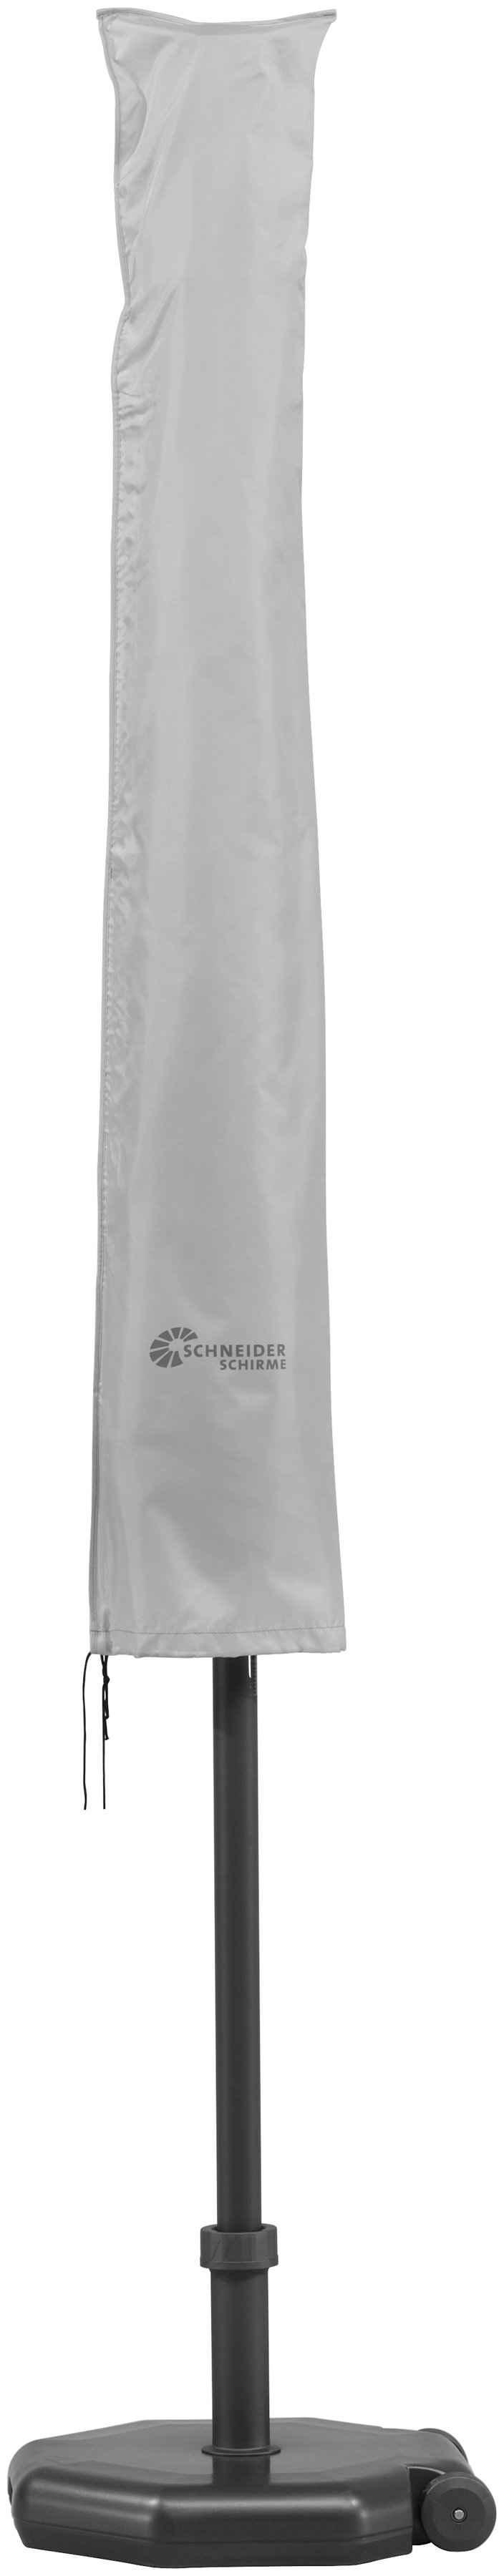 Schneider Schirme Schutzplane »821-00«, für Schirme bis Ø 300 cm